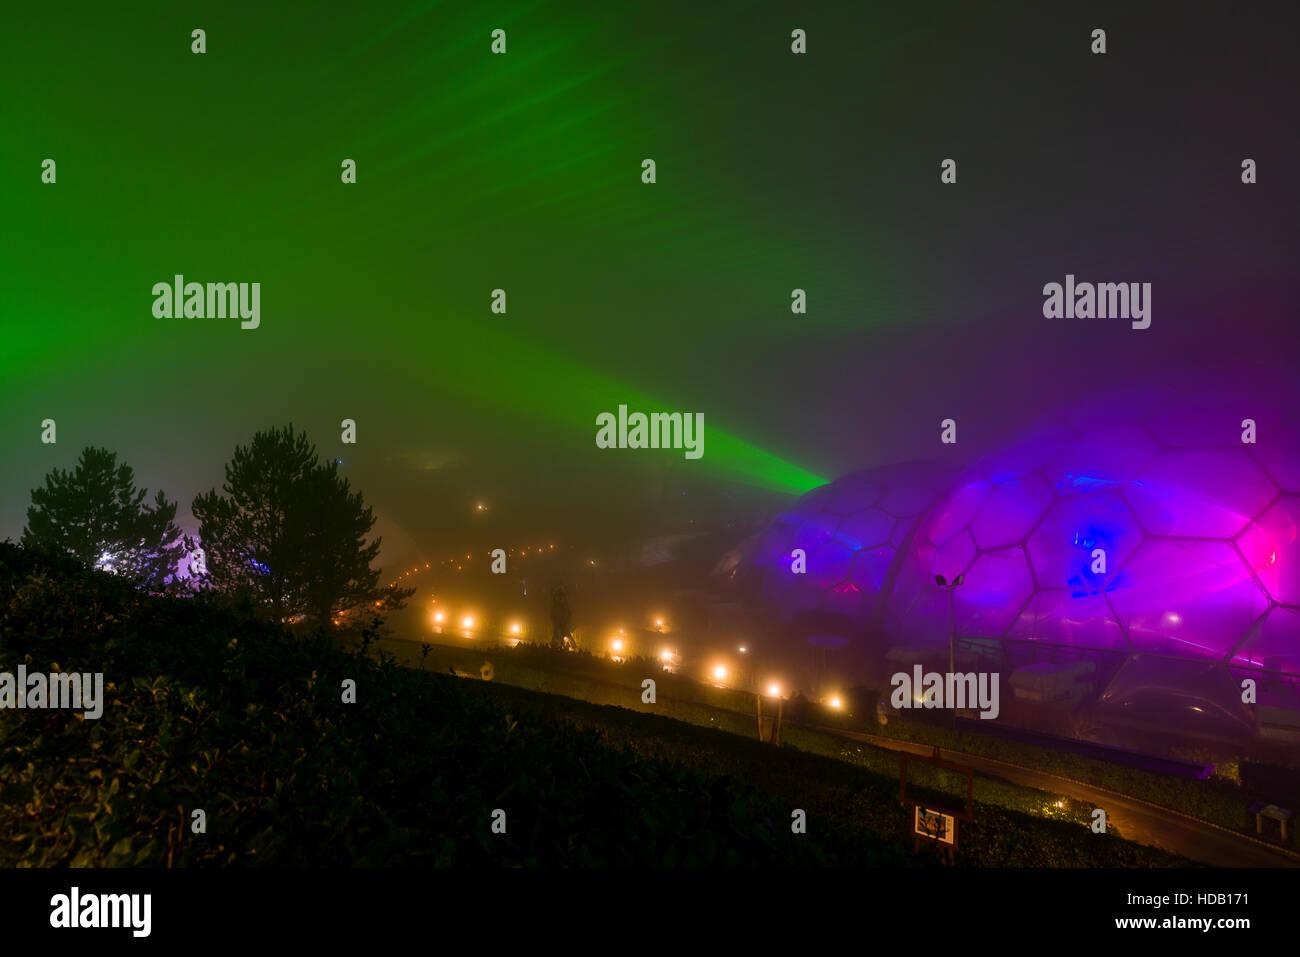 Eden Projekt Licht und Ton zeigen im Nebel. Nur zur redaktionellen Verwendung. Späten Herbst-Foto von ihrem Stockbild